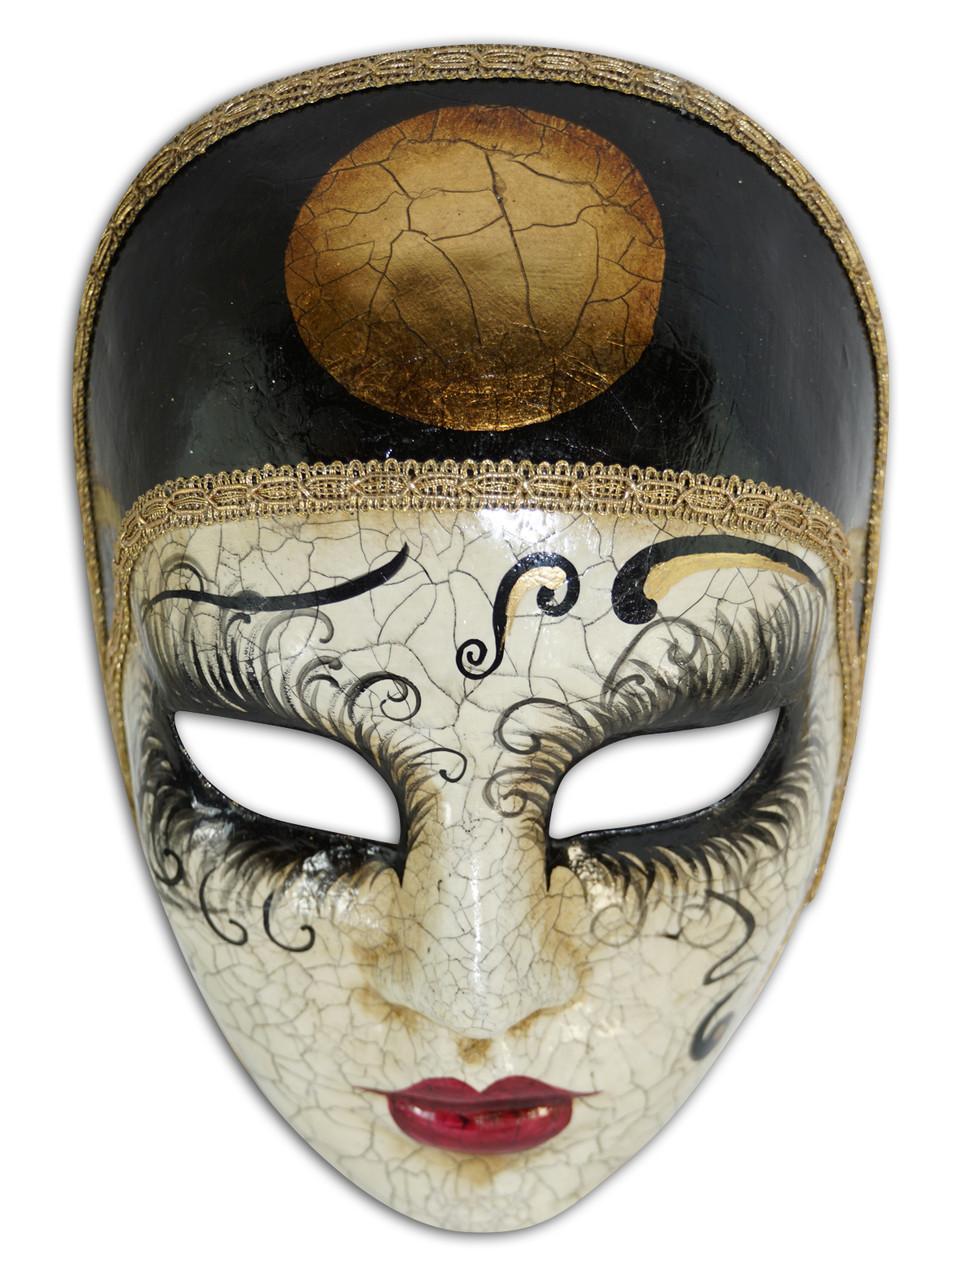 Volto Pierrot echt Venezianische Maske Gesichtsmaske